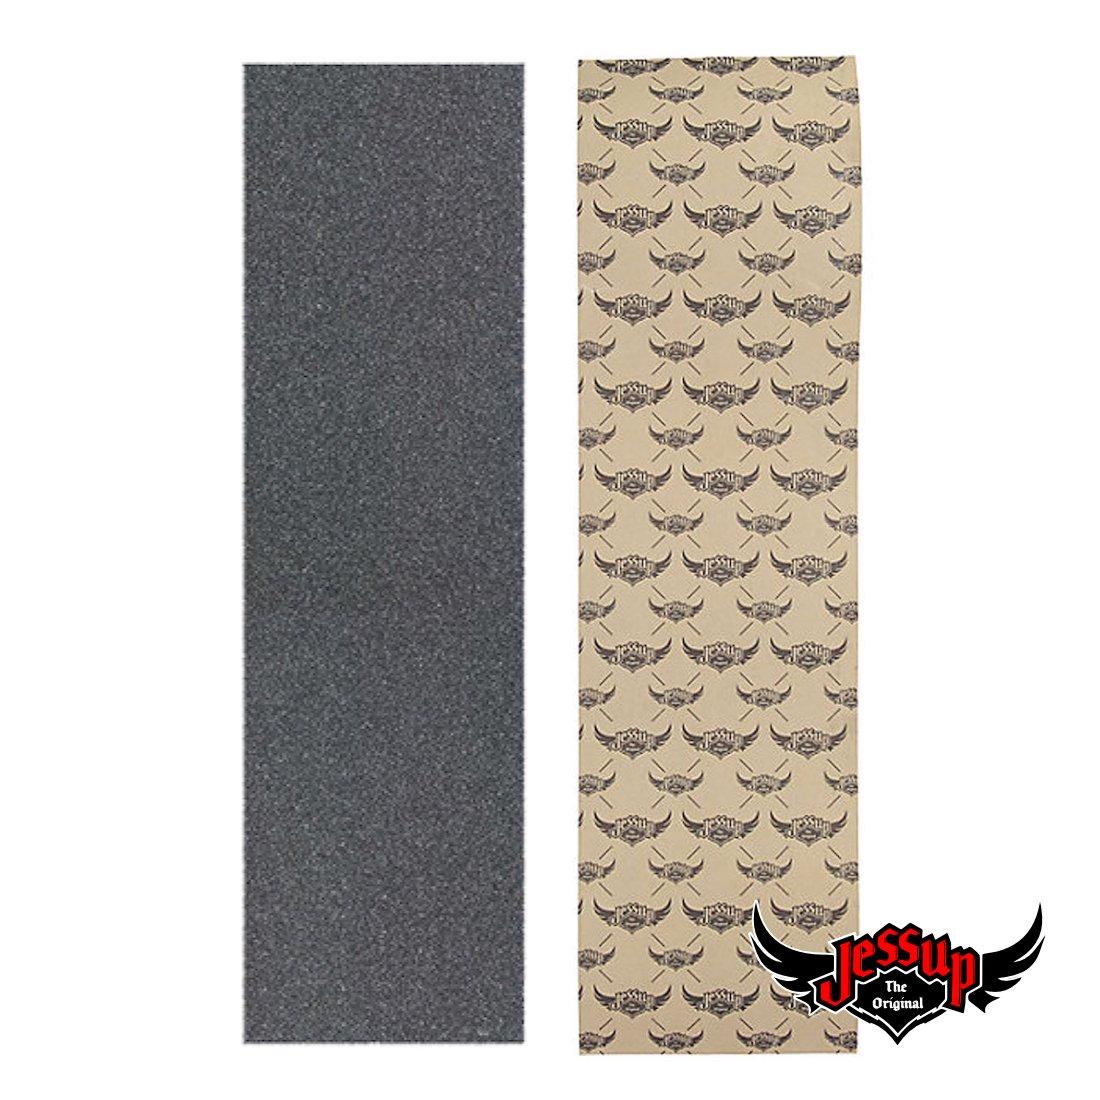 【Jessup】Standard Grip Tape